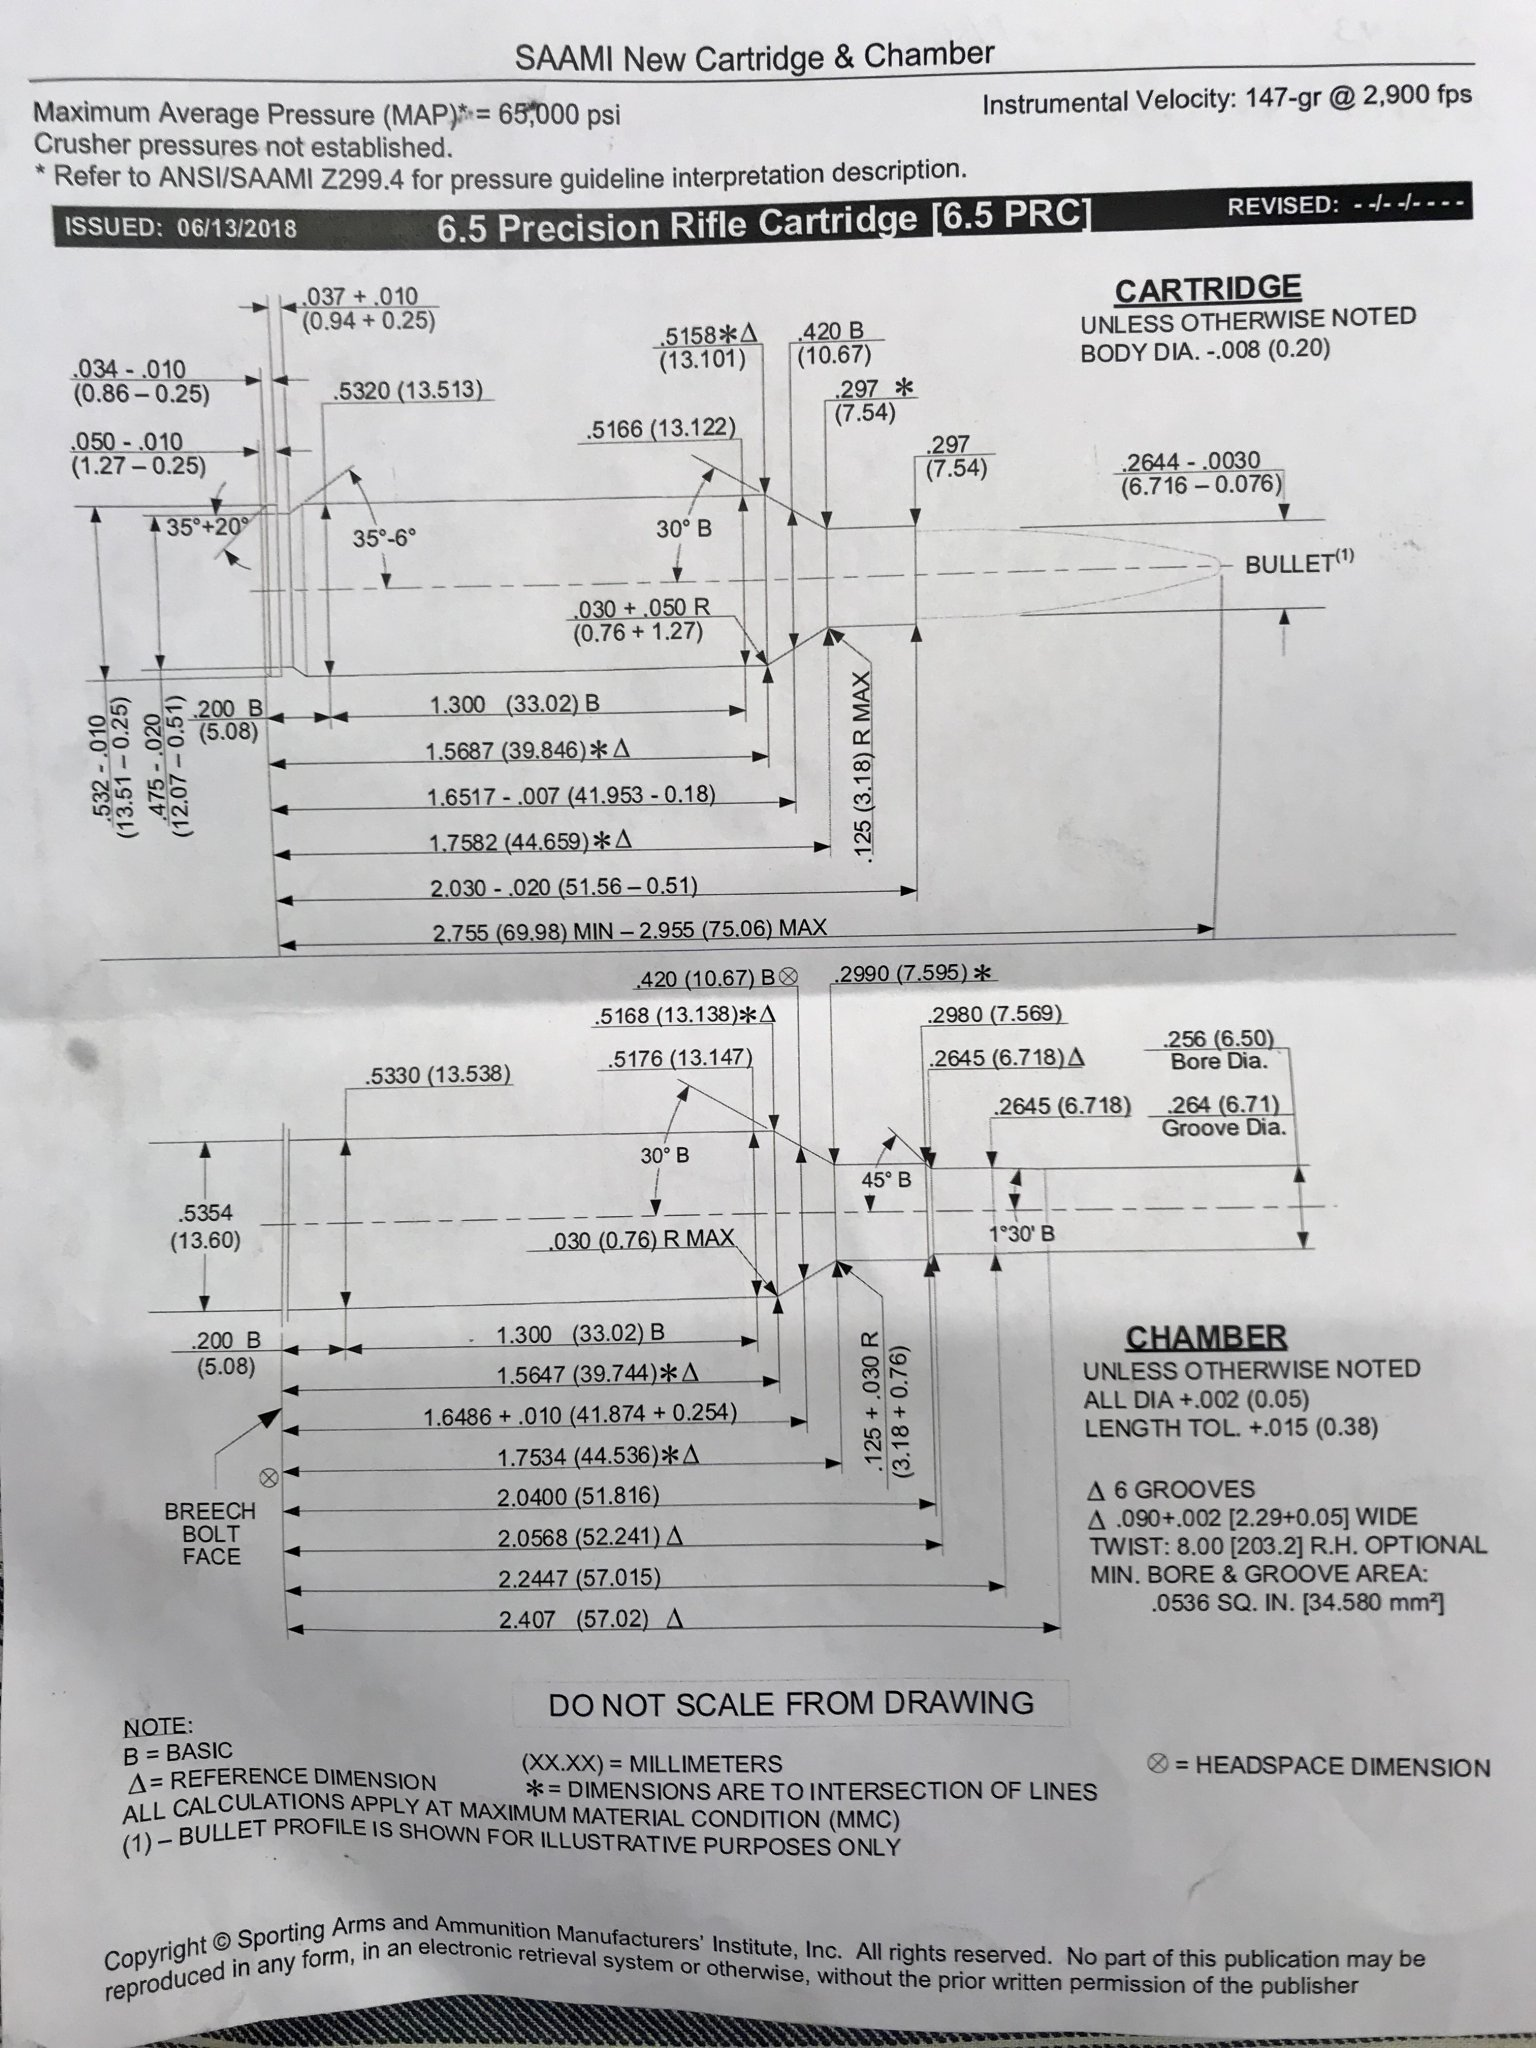 6406CDC3-E72F-4AAE-AEC2-8B8BD407AD31.jpeg